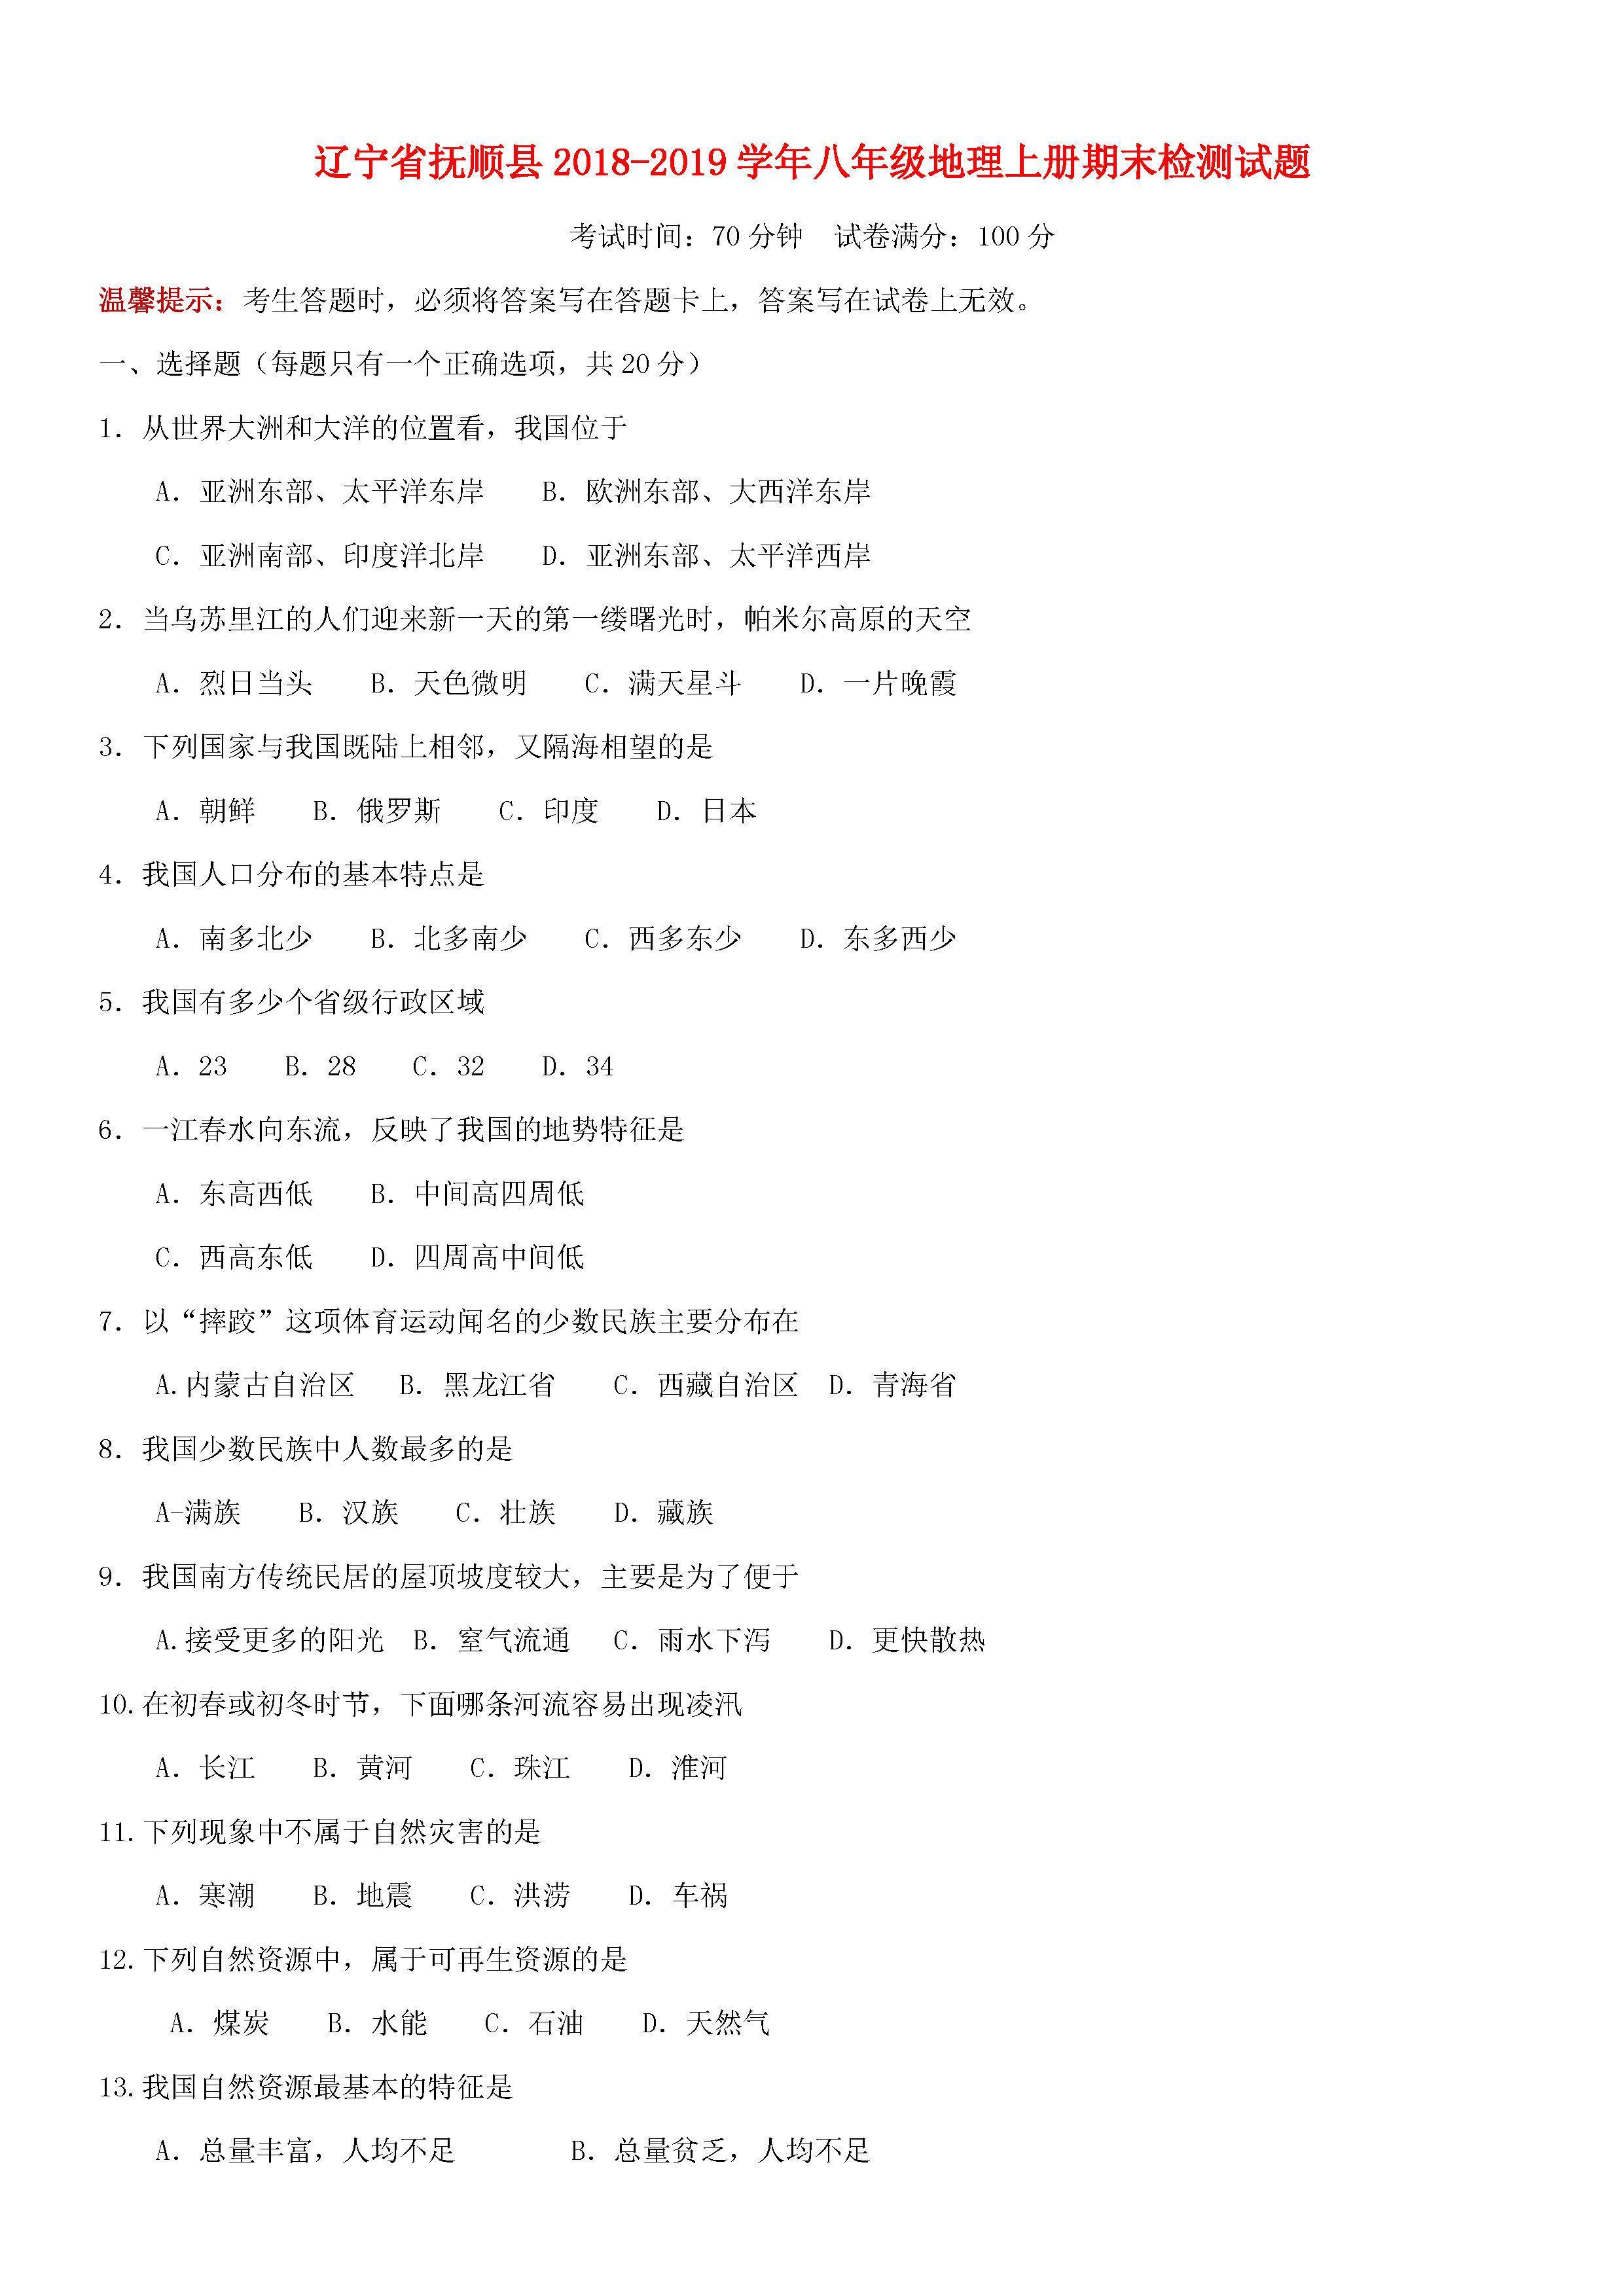 辽宁抚顺县2018-2019八年级地理上册期末测试题含答案